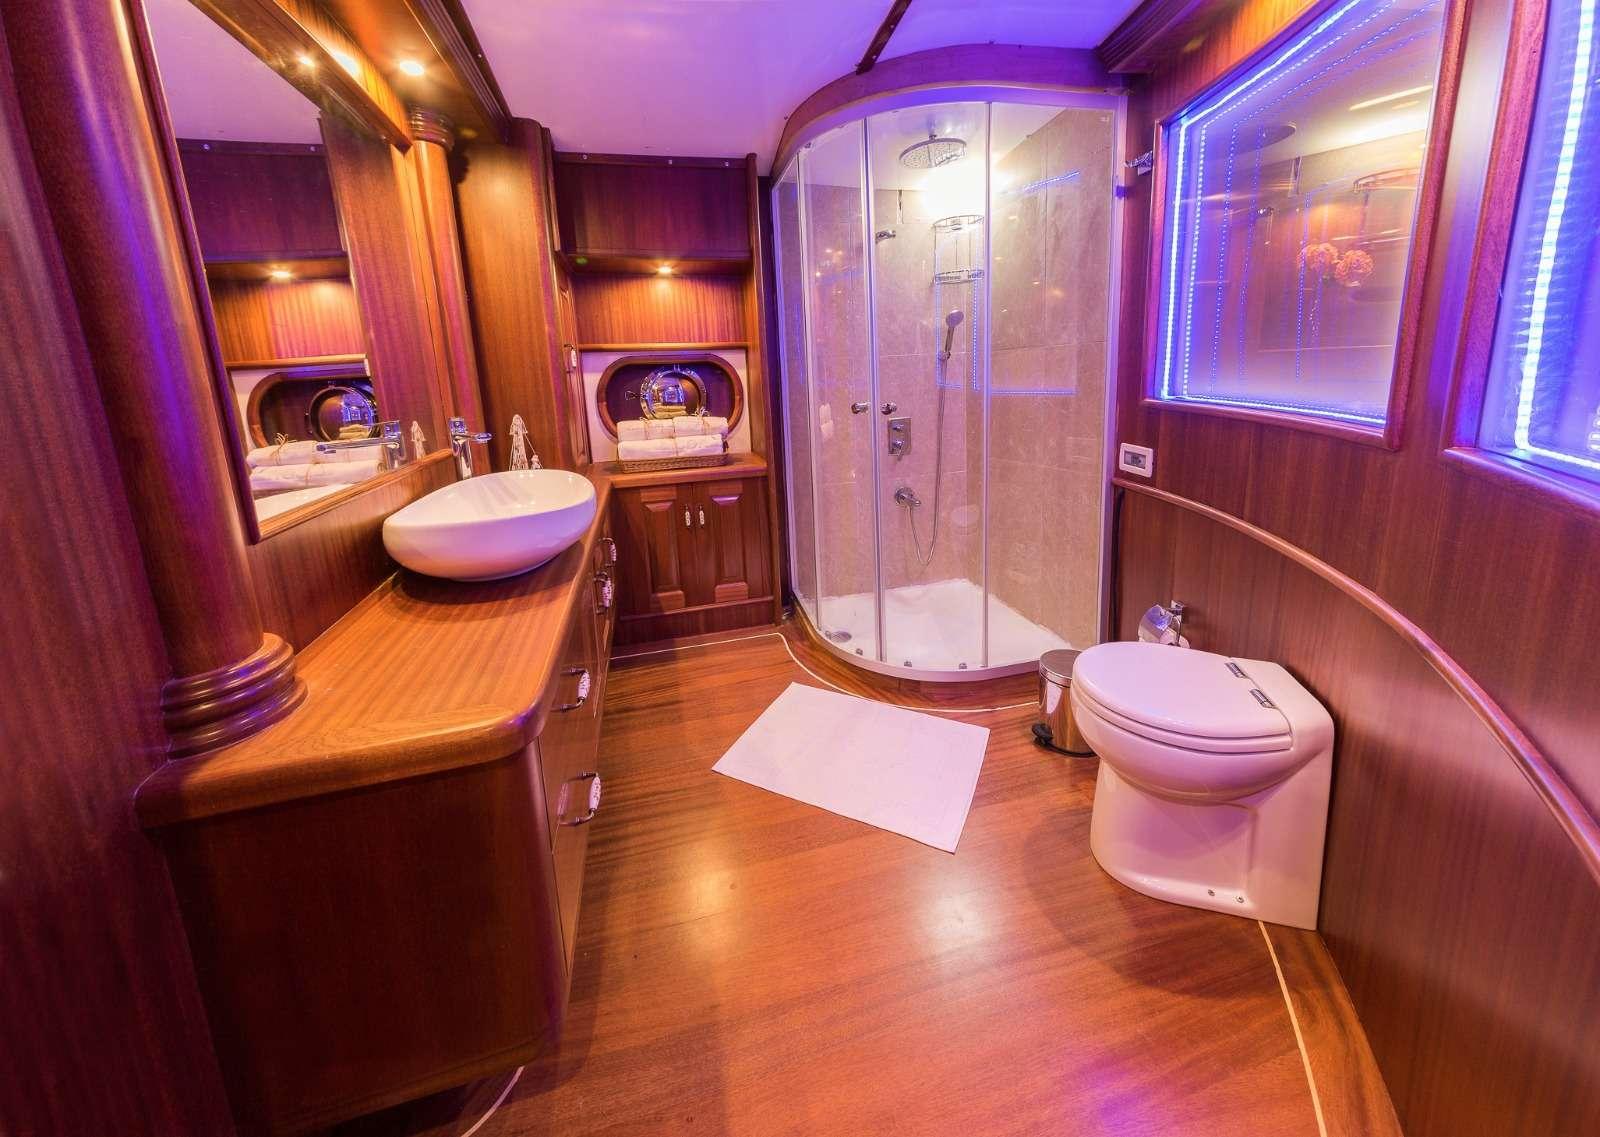 HALCON DEL MAR yacht image # 6